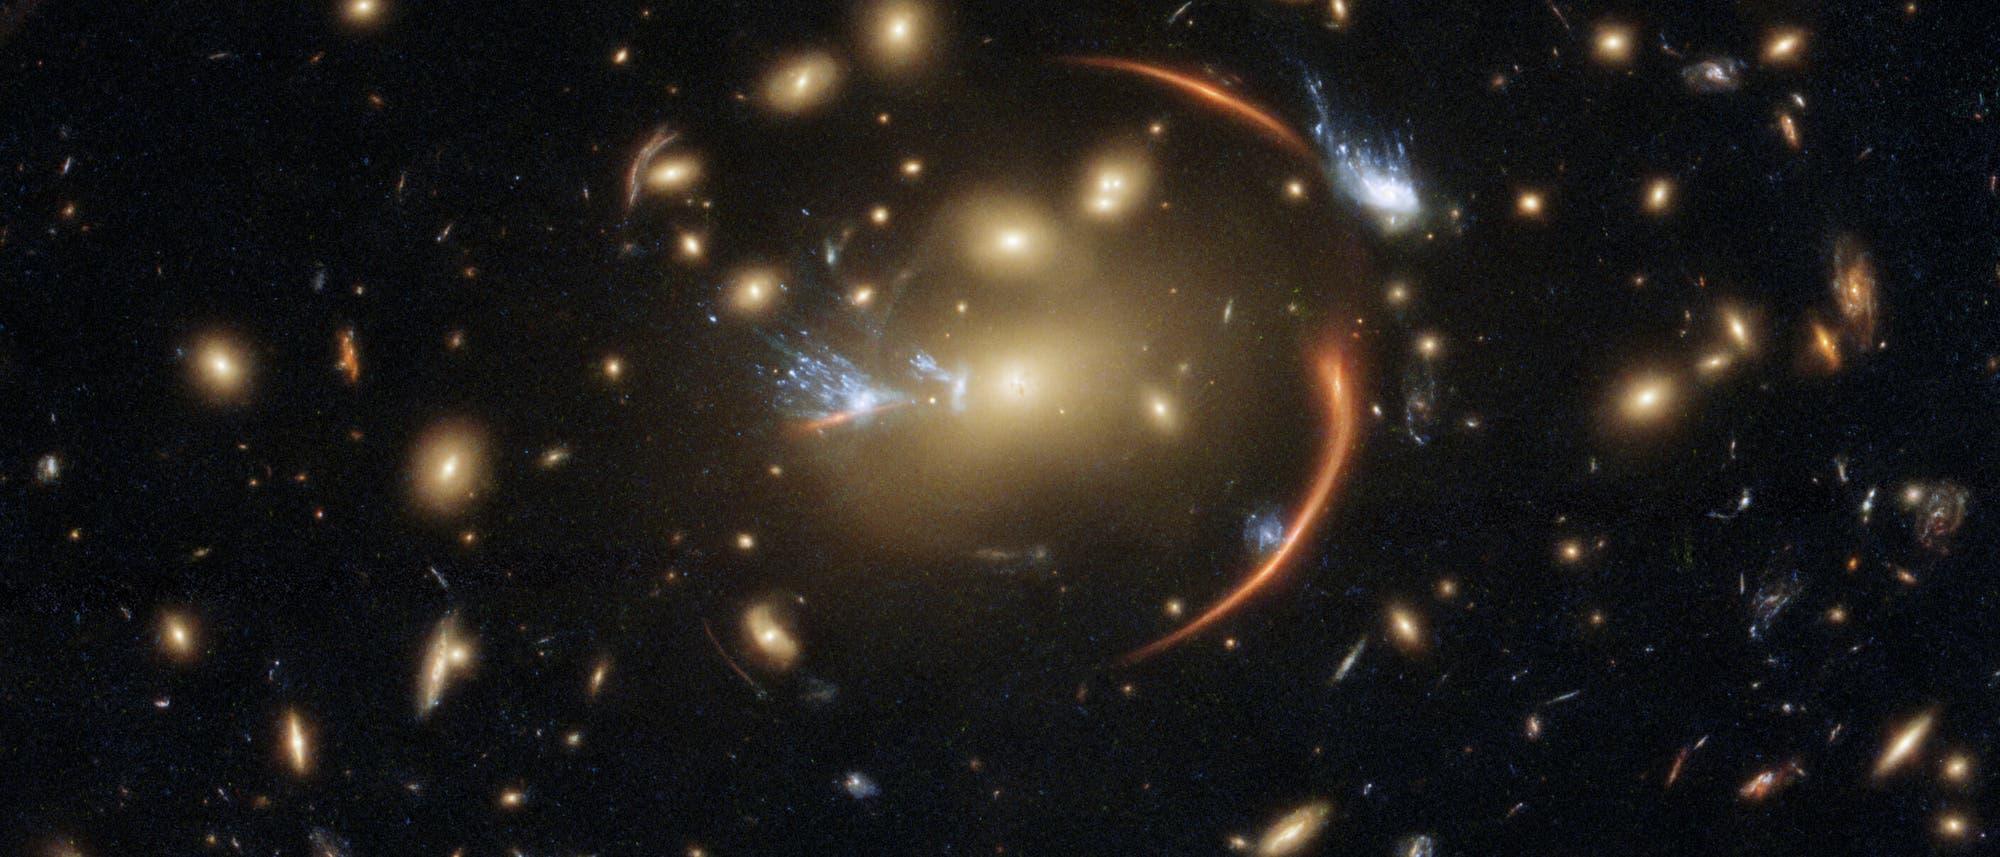 Der Galaxienhaufen MACSJ0138.0-2155 fungiert als Gravitationslinse